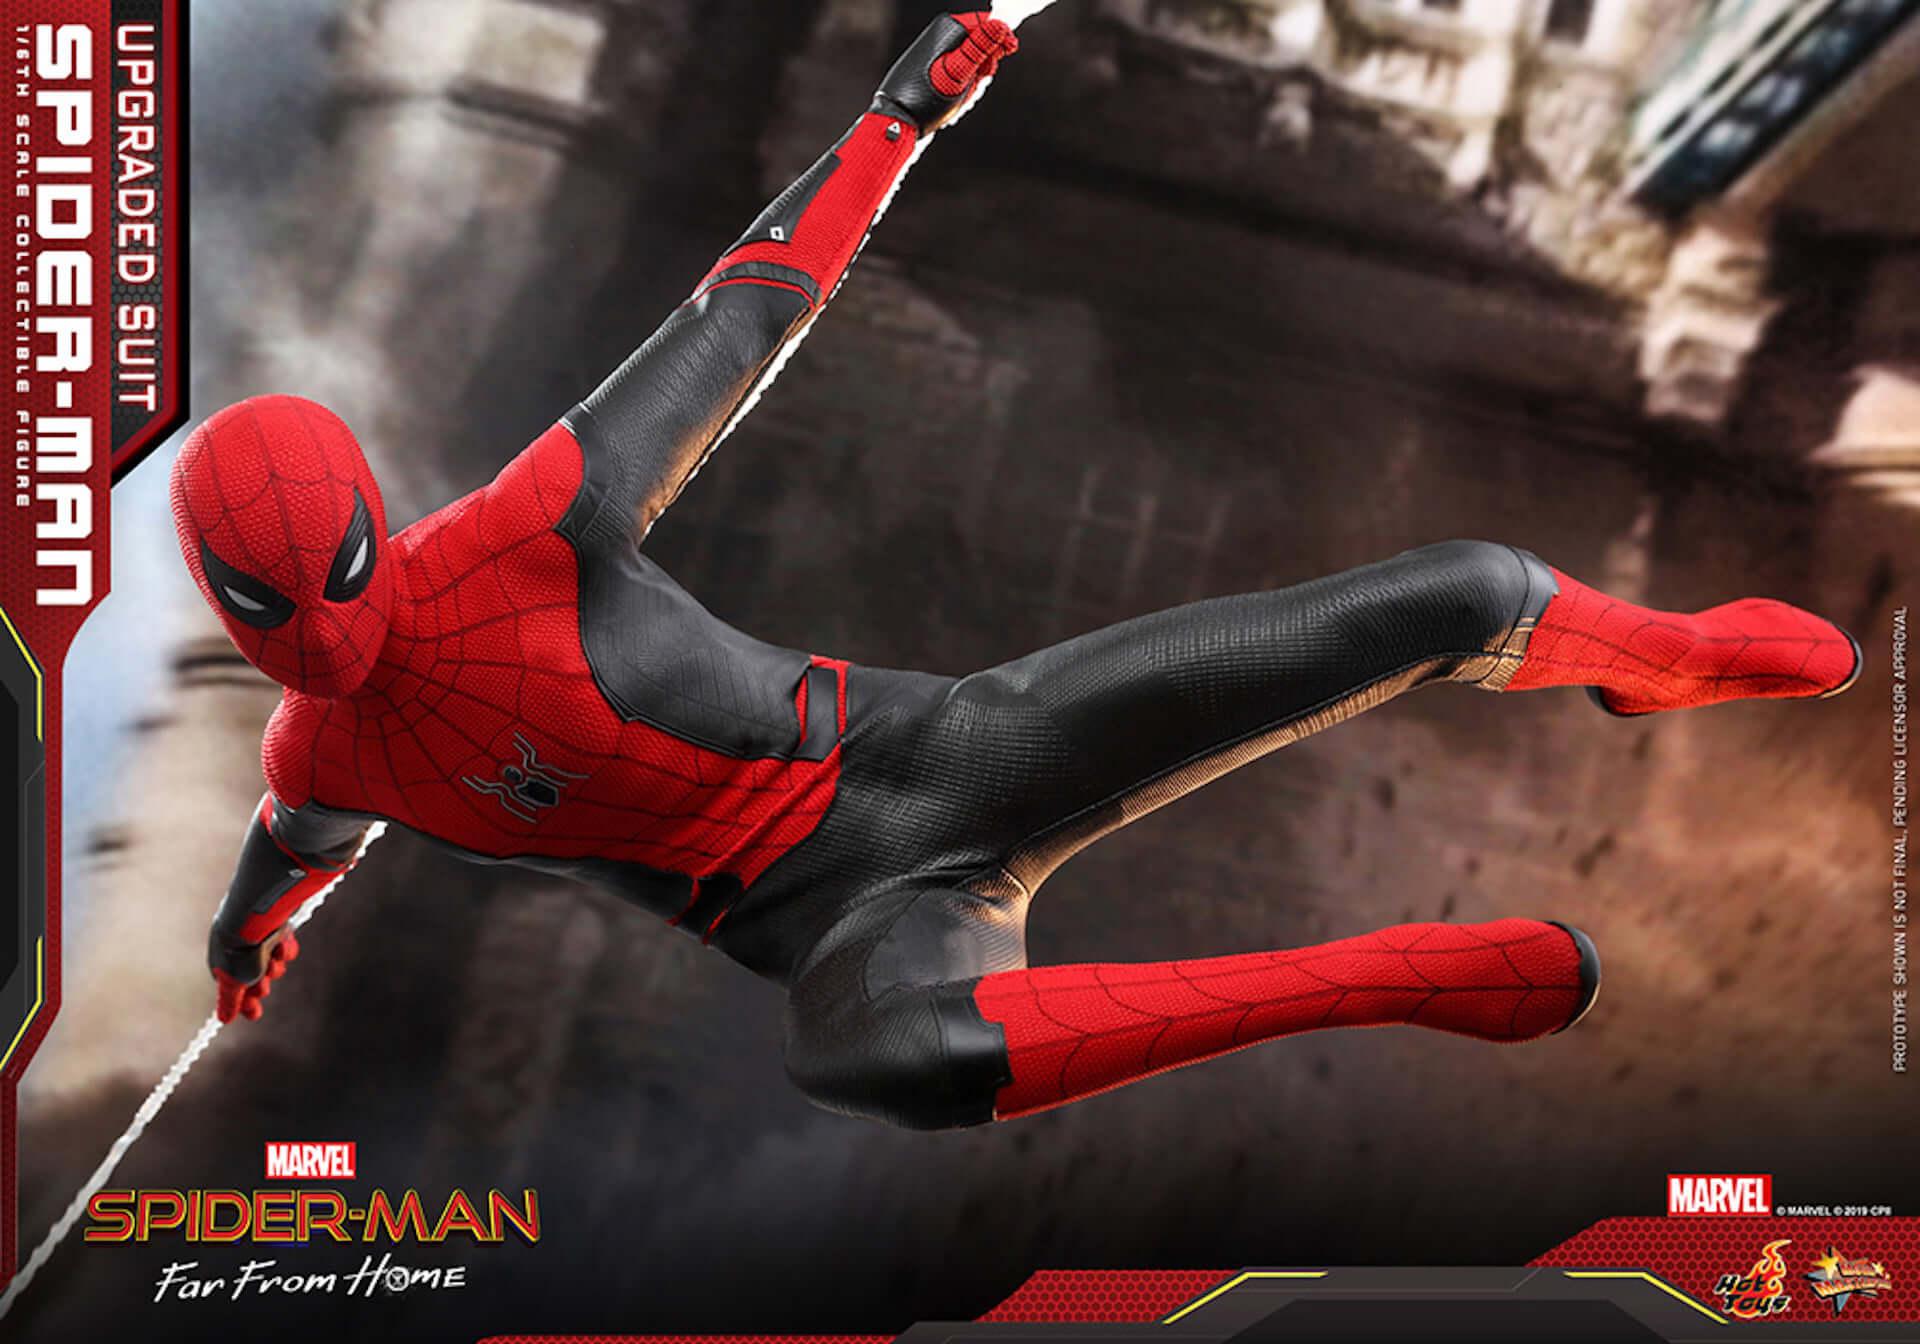 新生スパイダーマン誕生!『スパイダーマン:ファー・フロム・ホーム』のアップグレードスーツが完全フィギュア化 film190702_sffh_upgrade_3-1920x1344